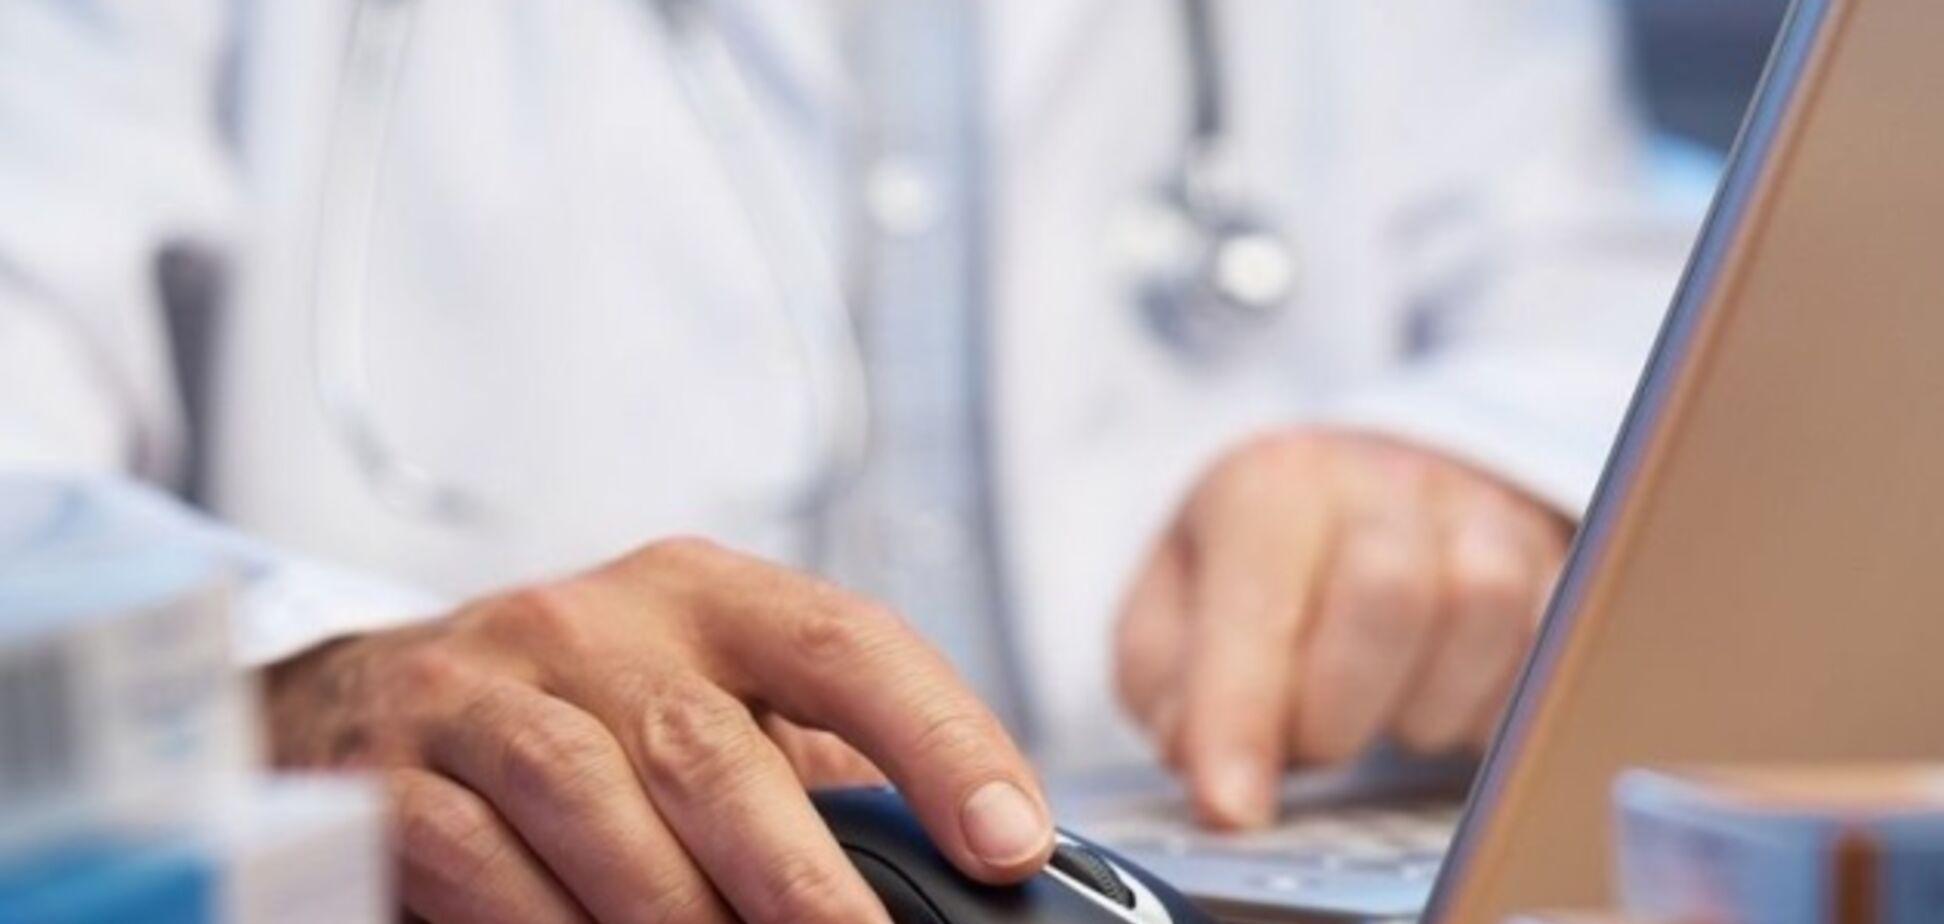 В Україні стартувала соціальна ініціатива: 'Захисти лікаря – обирай онлайн'